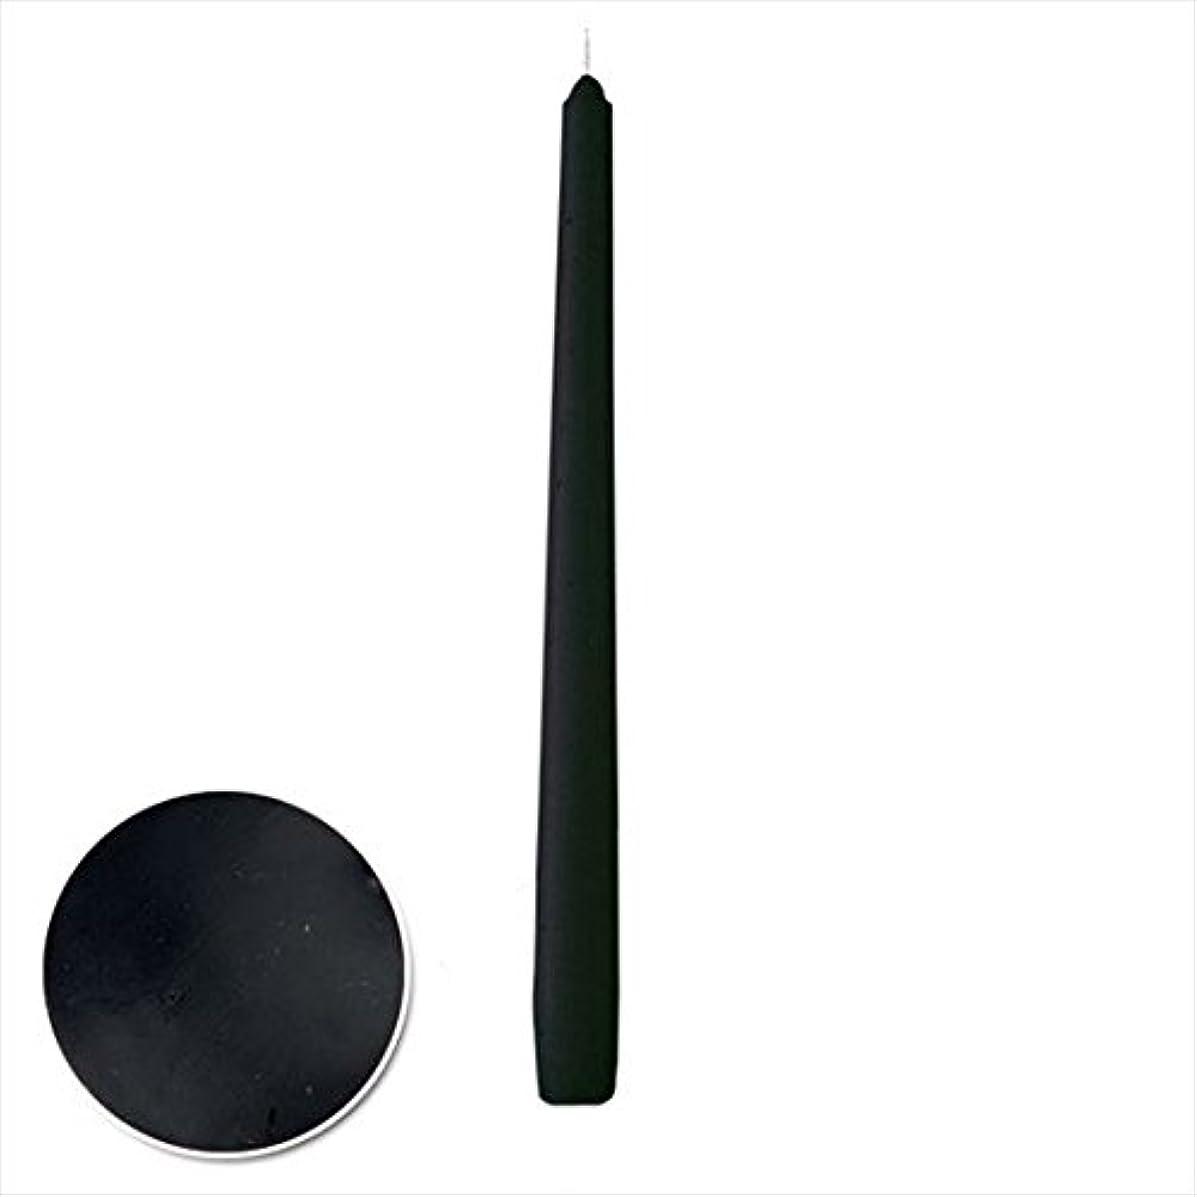 フラフープガソリンずんぐりしたカメヤマキャンドル(kameyama candle) 12インチテーパー 「 ブラック 」 12本入り